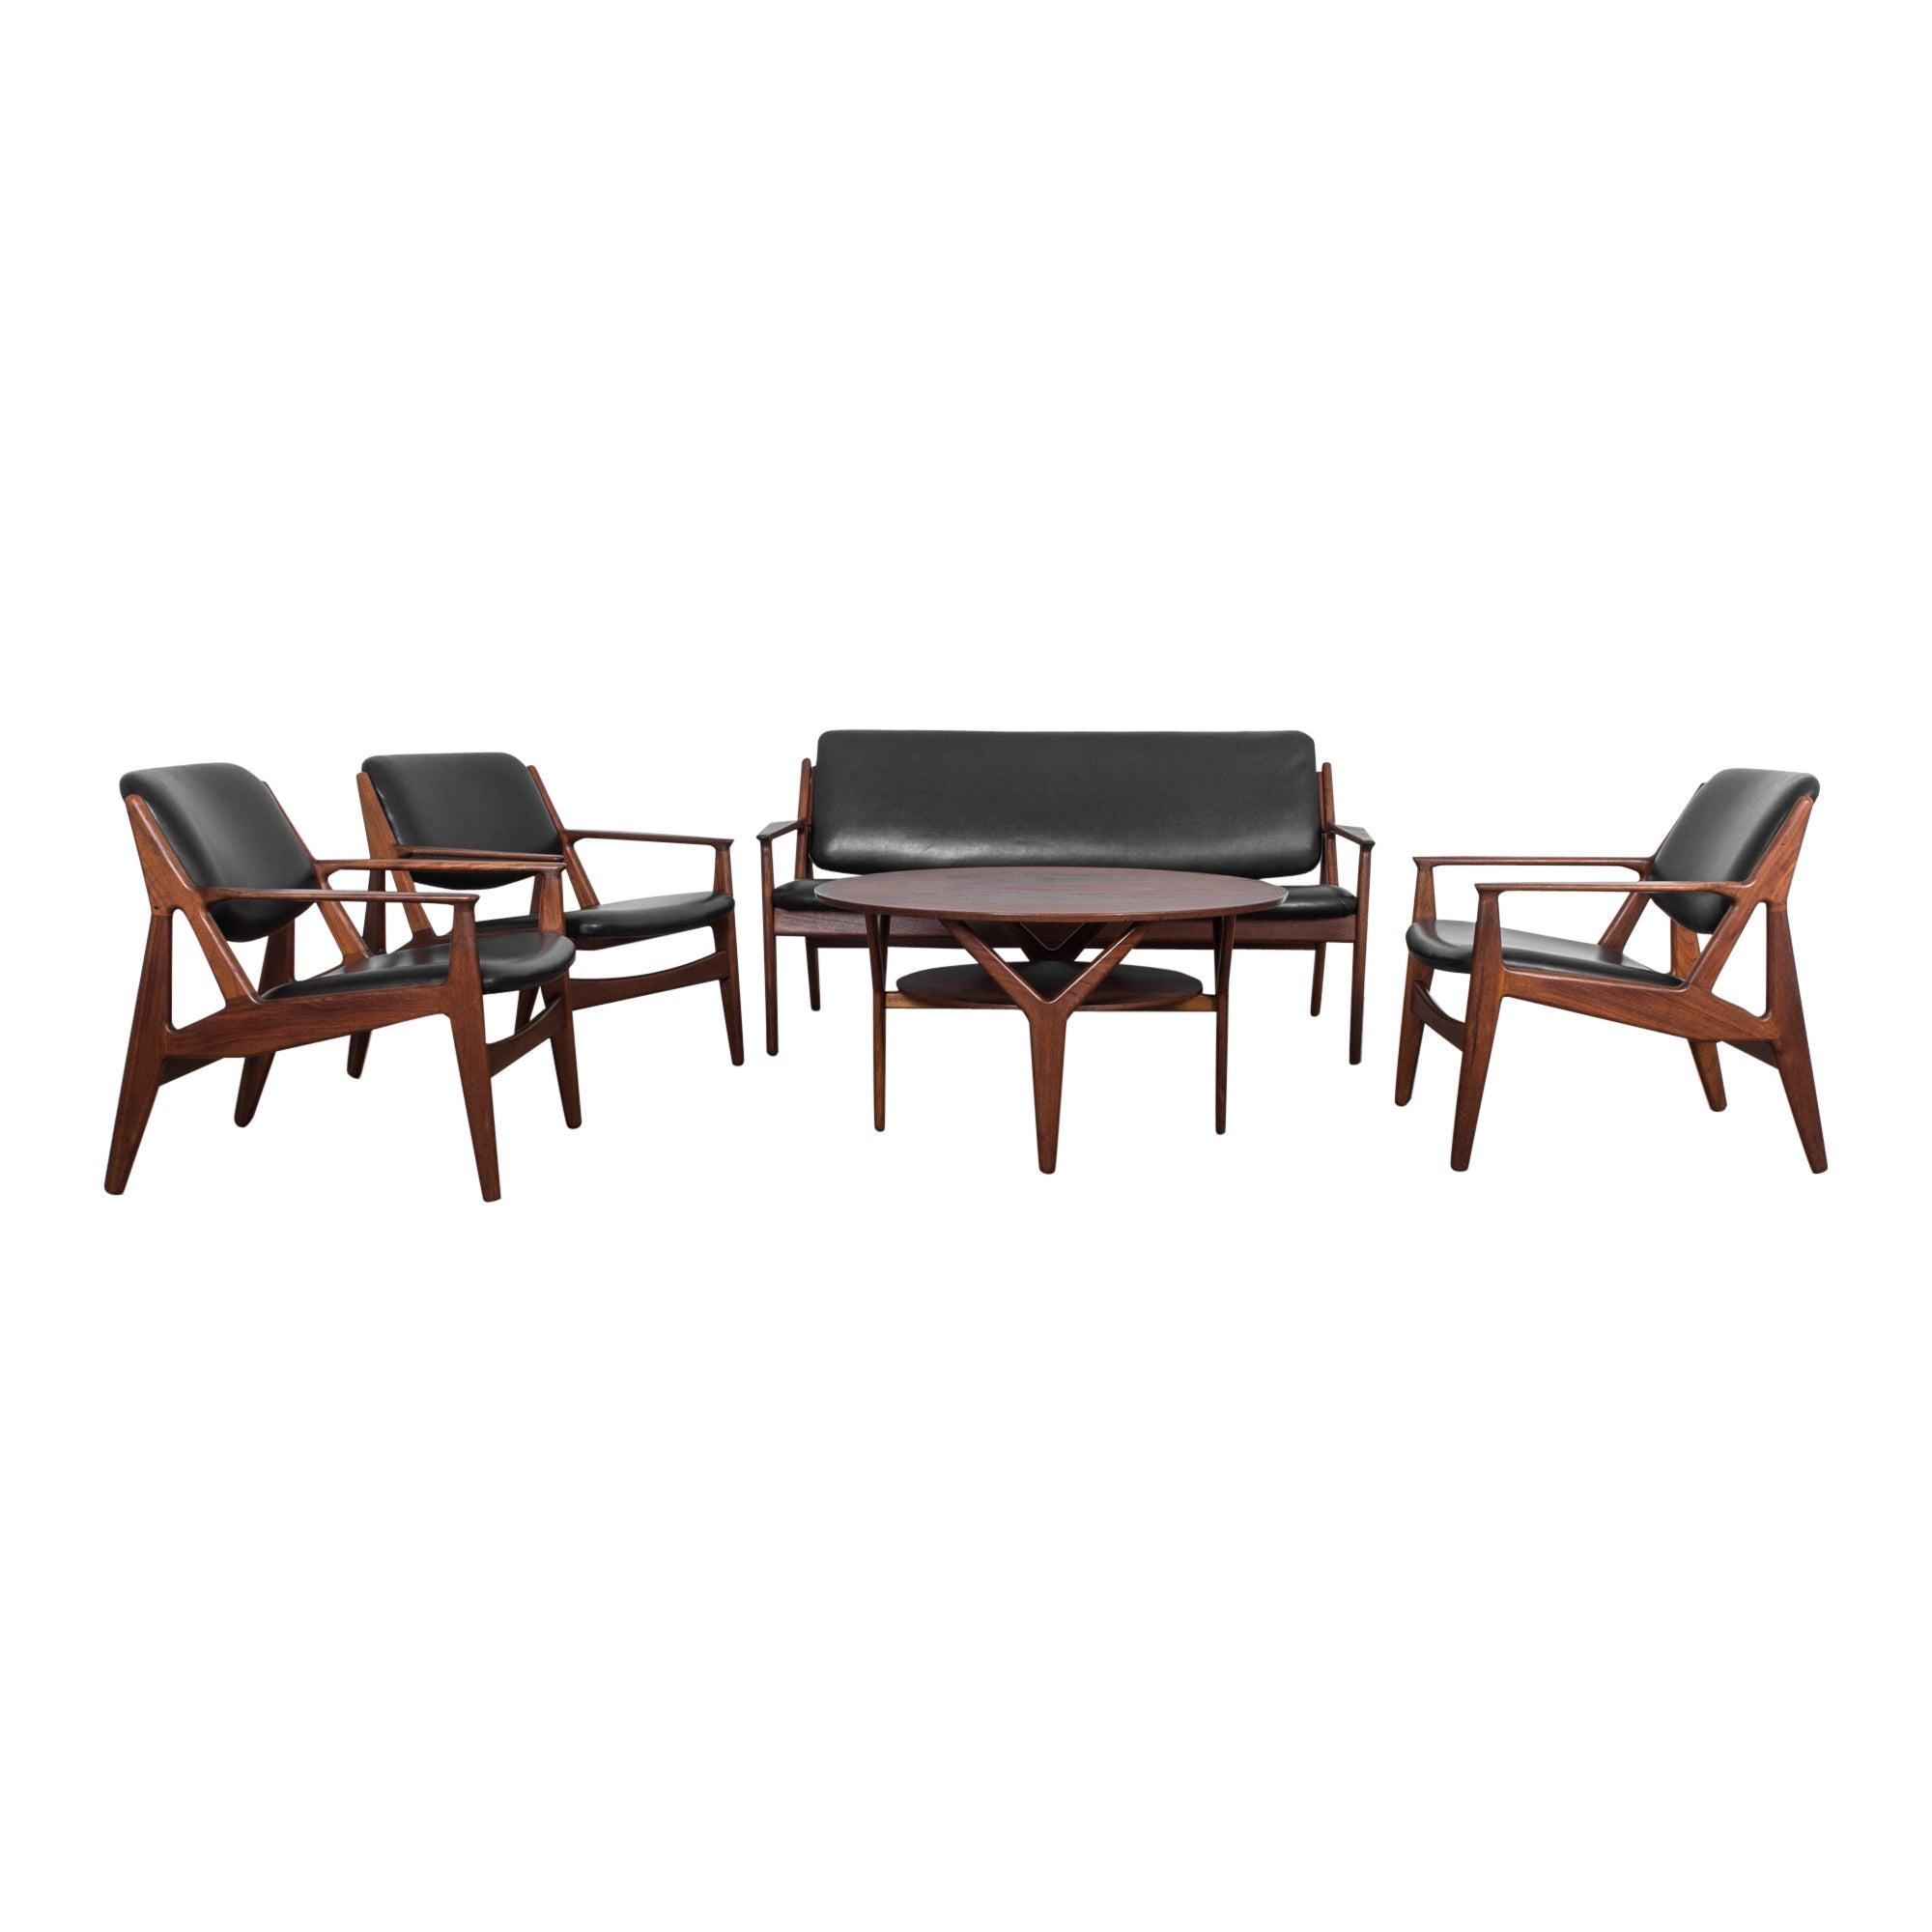 Teak and Black Leather Living Room Set by Arne Vodder